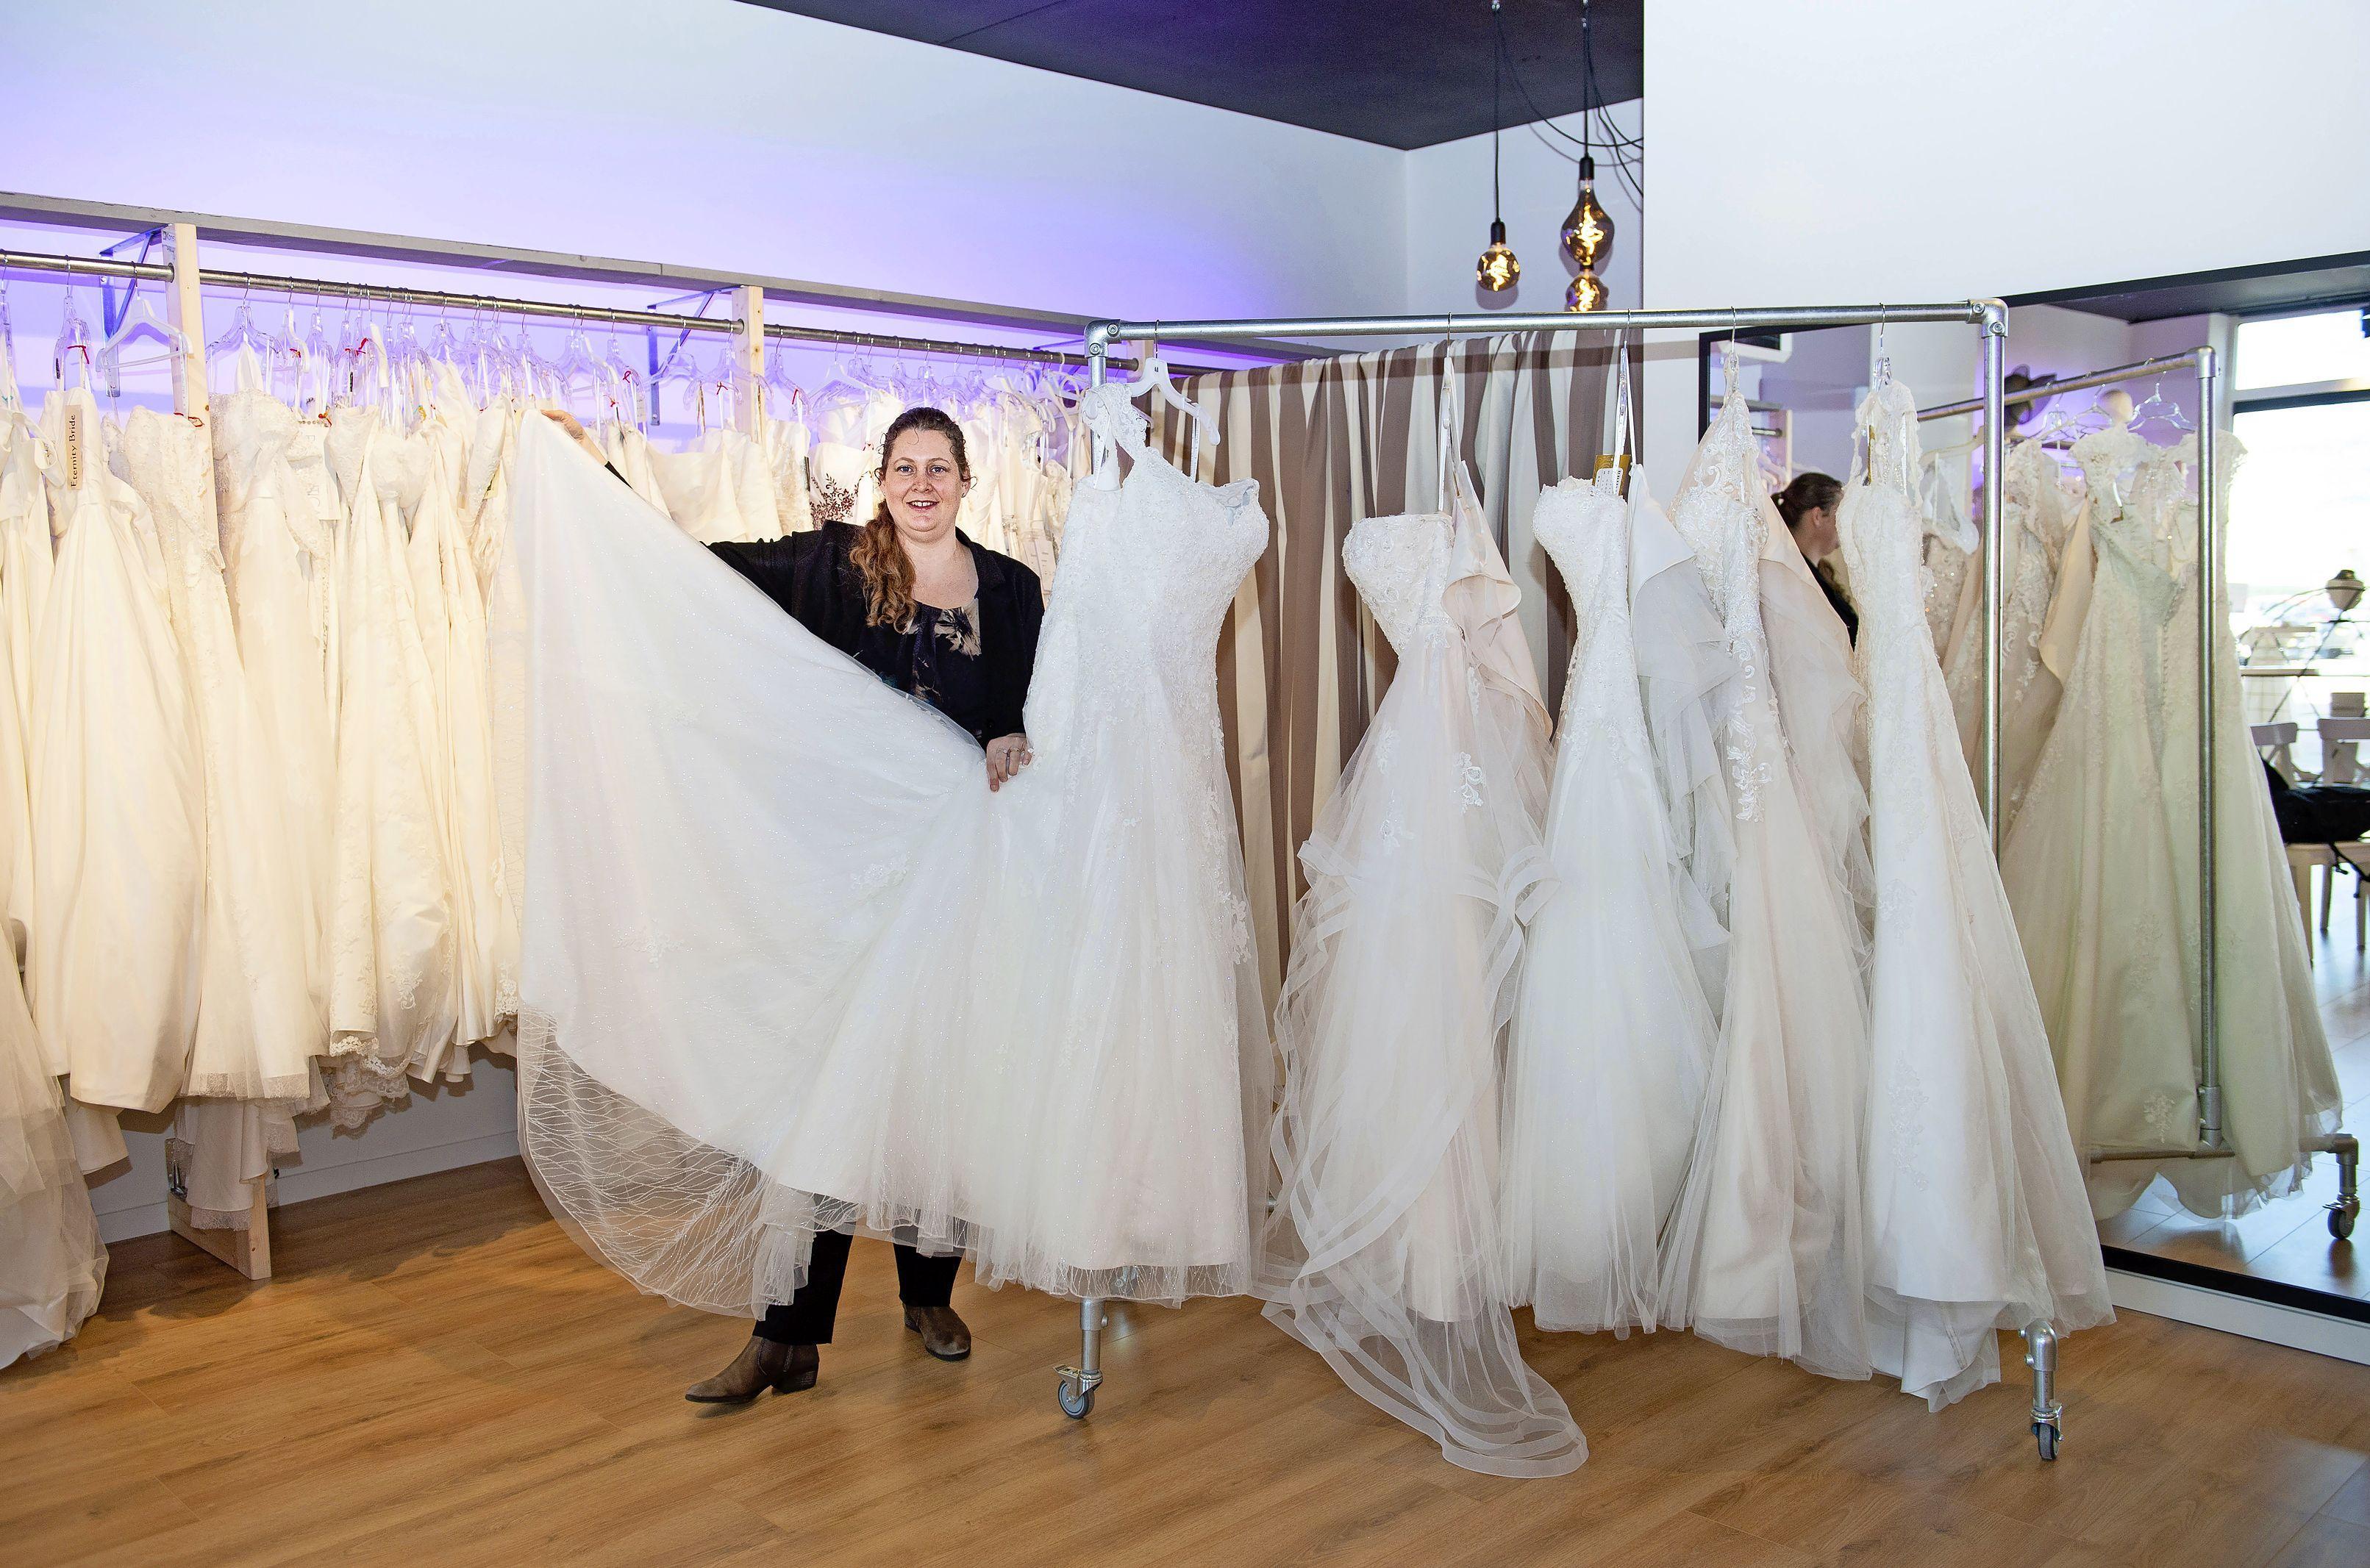 Nieuwe winkel Bruidsmode Mariska in Krommenie: 'Een bruidsjurk moet je sterke kanten benadrukken'